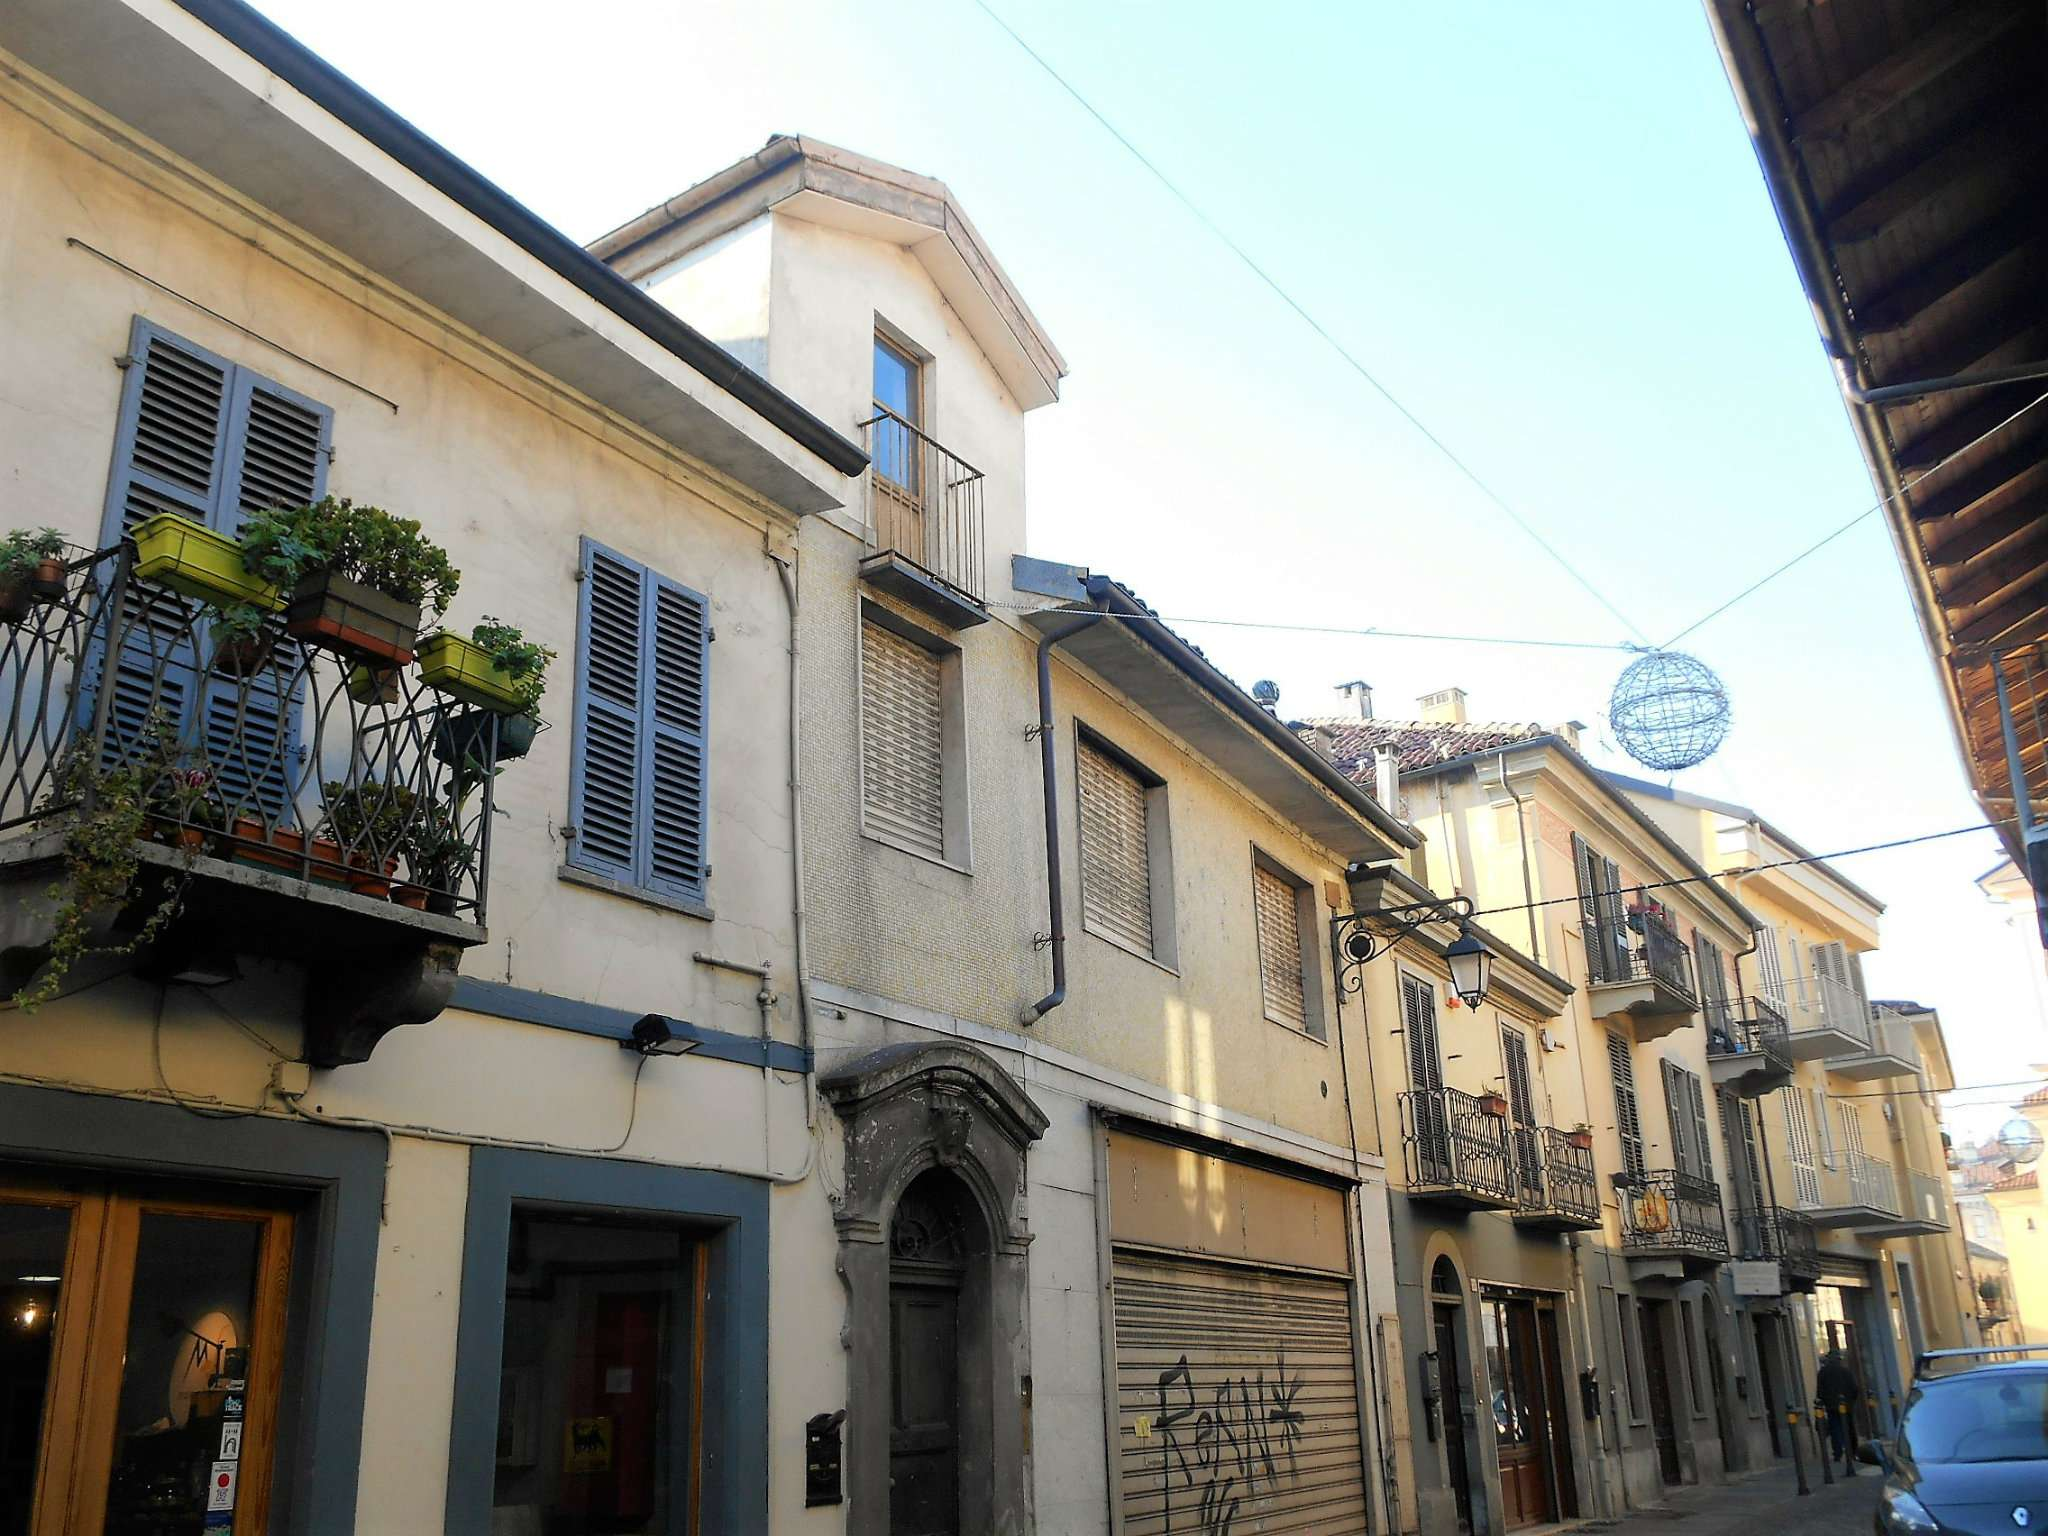 Soluzione Indipendente in vendita a Moncalieri, 11 locali, prezzo € 320.000 | CambioCasa.it